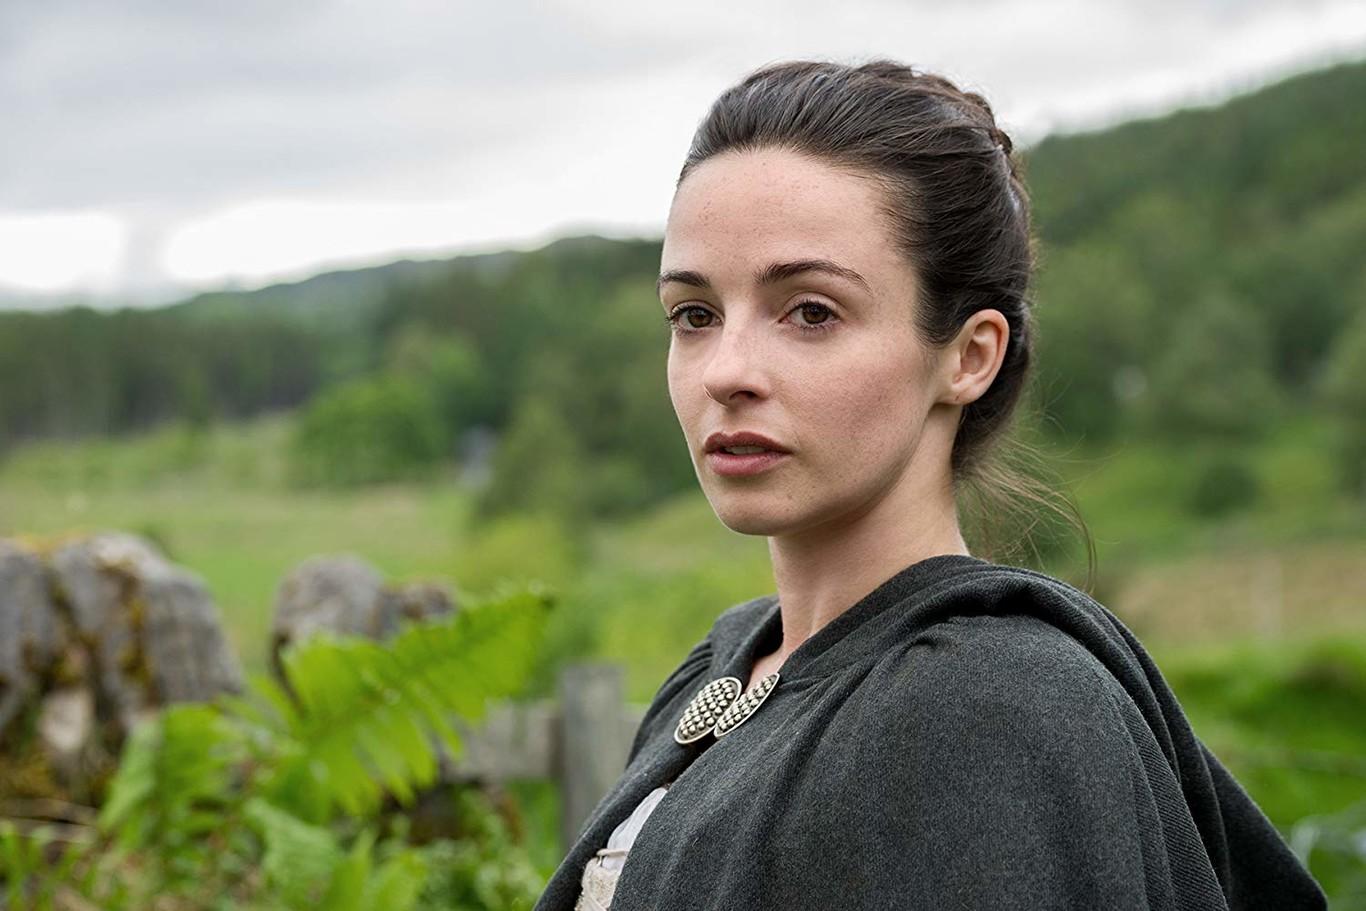 Laura Donnelly protagonizará la serie de Joss Whedon para HBO, 'The Nevers'